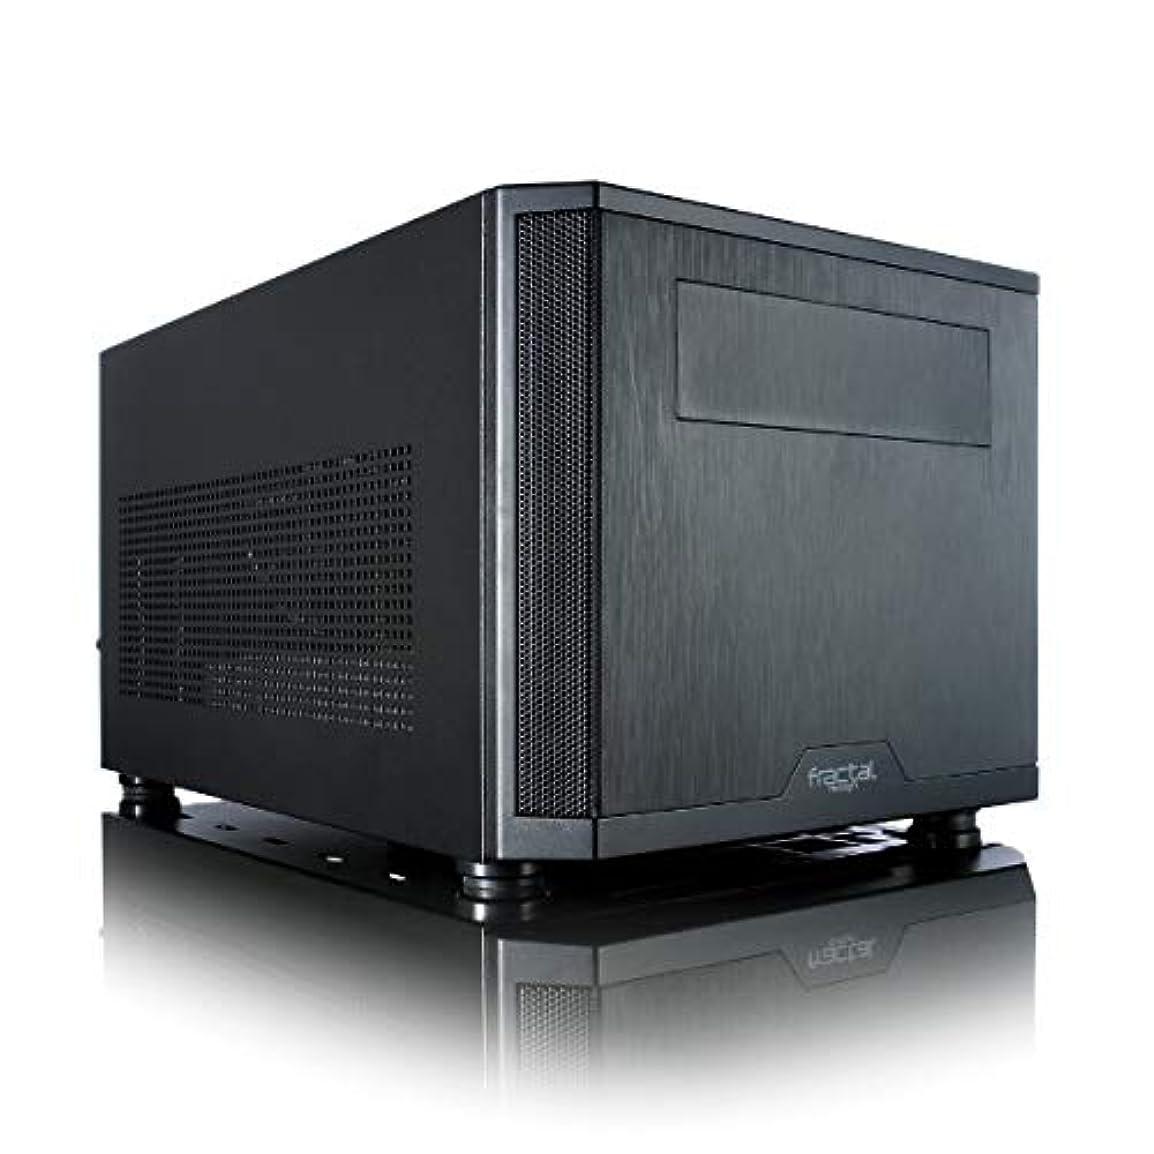 泥だらけ待つ拮抗するFractal Design Core 500 Black 小型キューブPCケース CS5267 FD-CA-CORE-500-BK